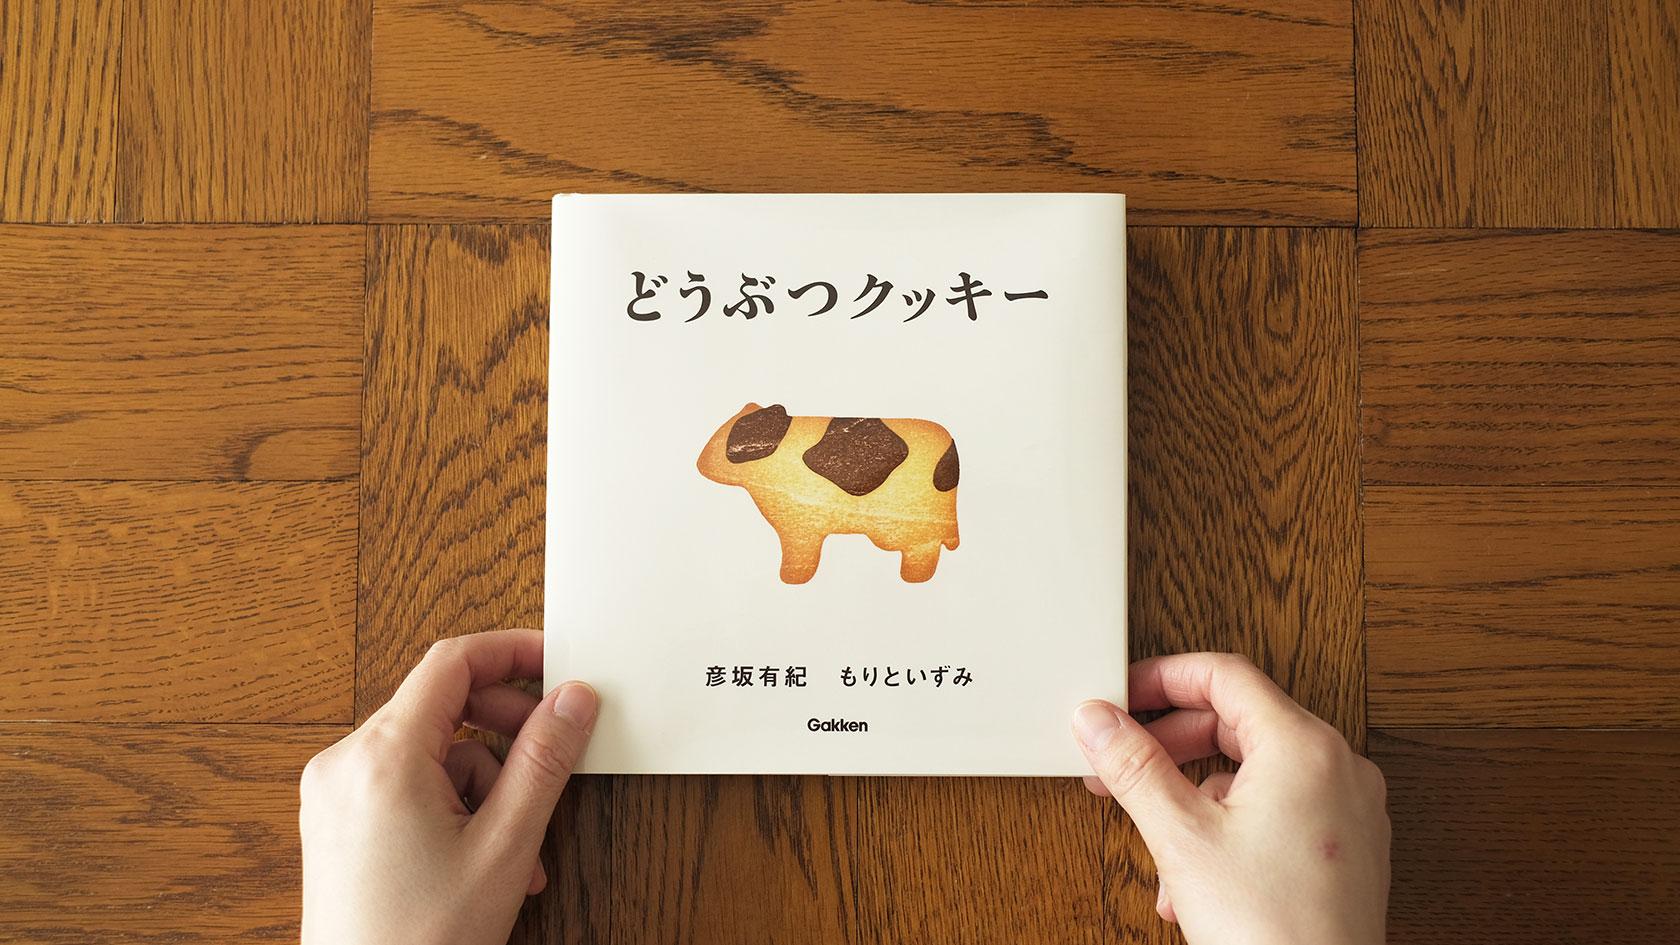 絵本『どうぶつクッキー』